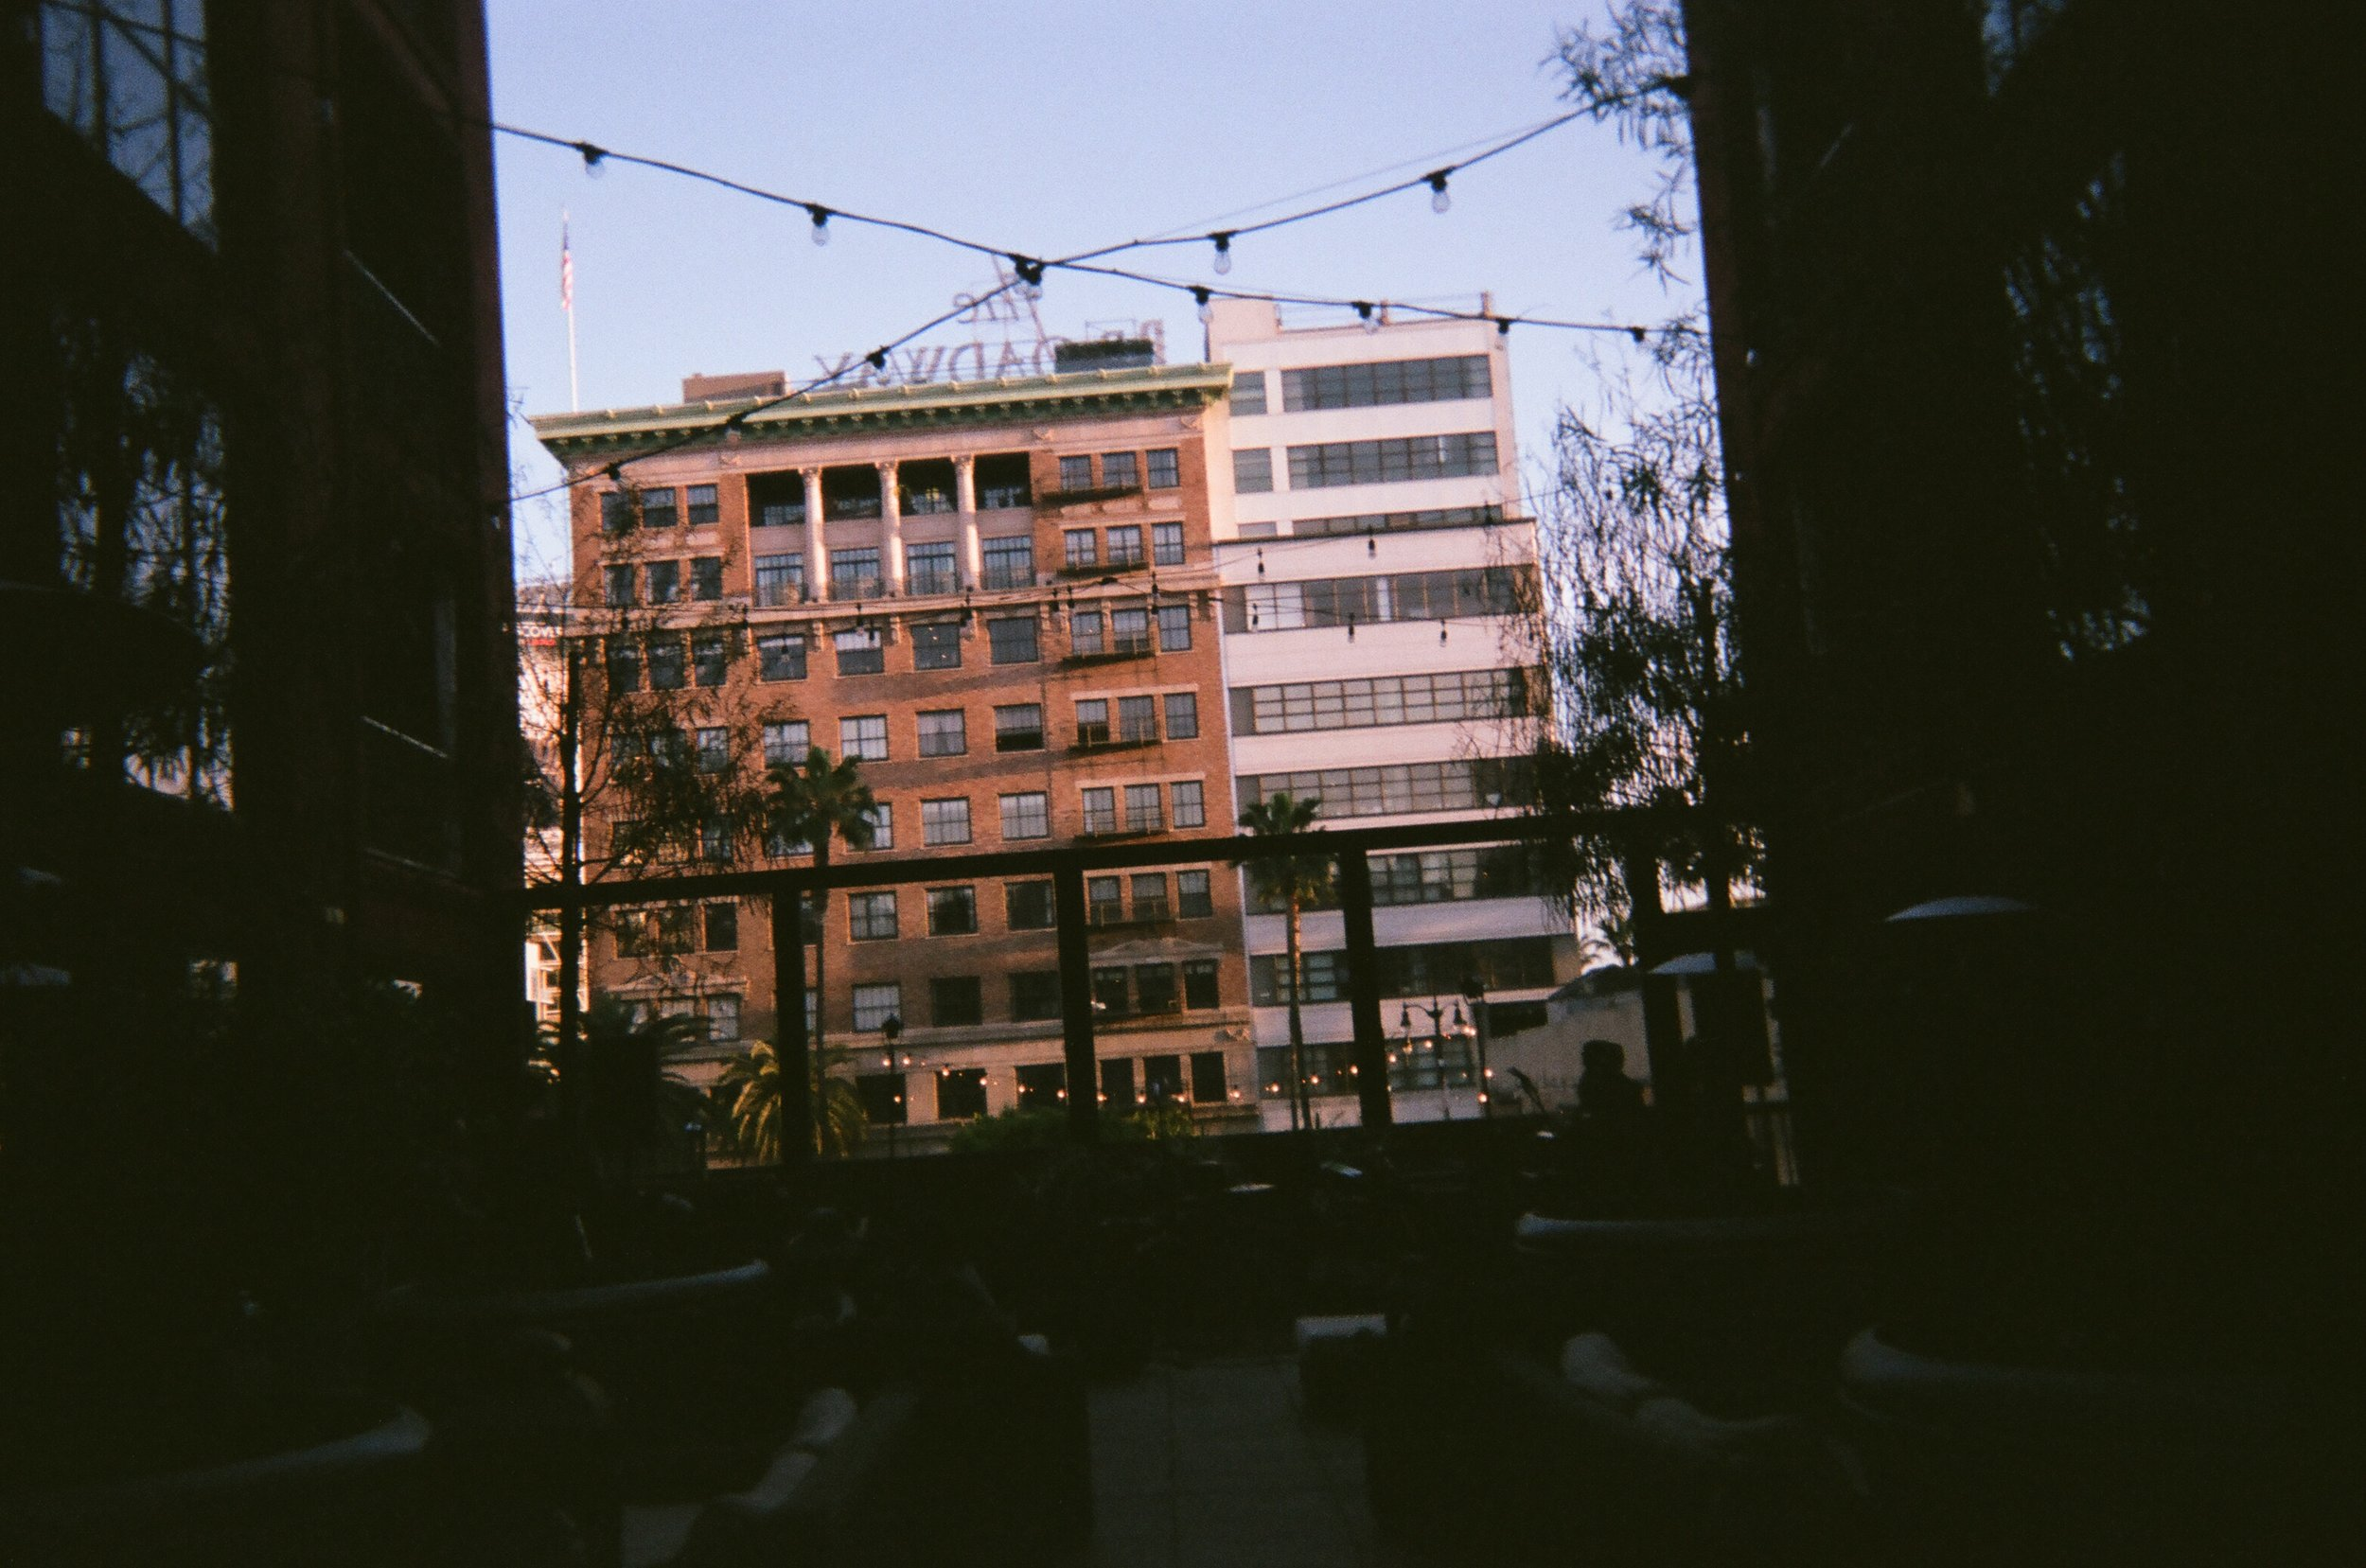 22120014.jpg